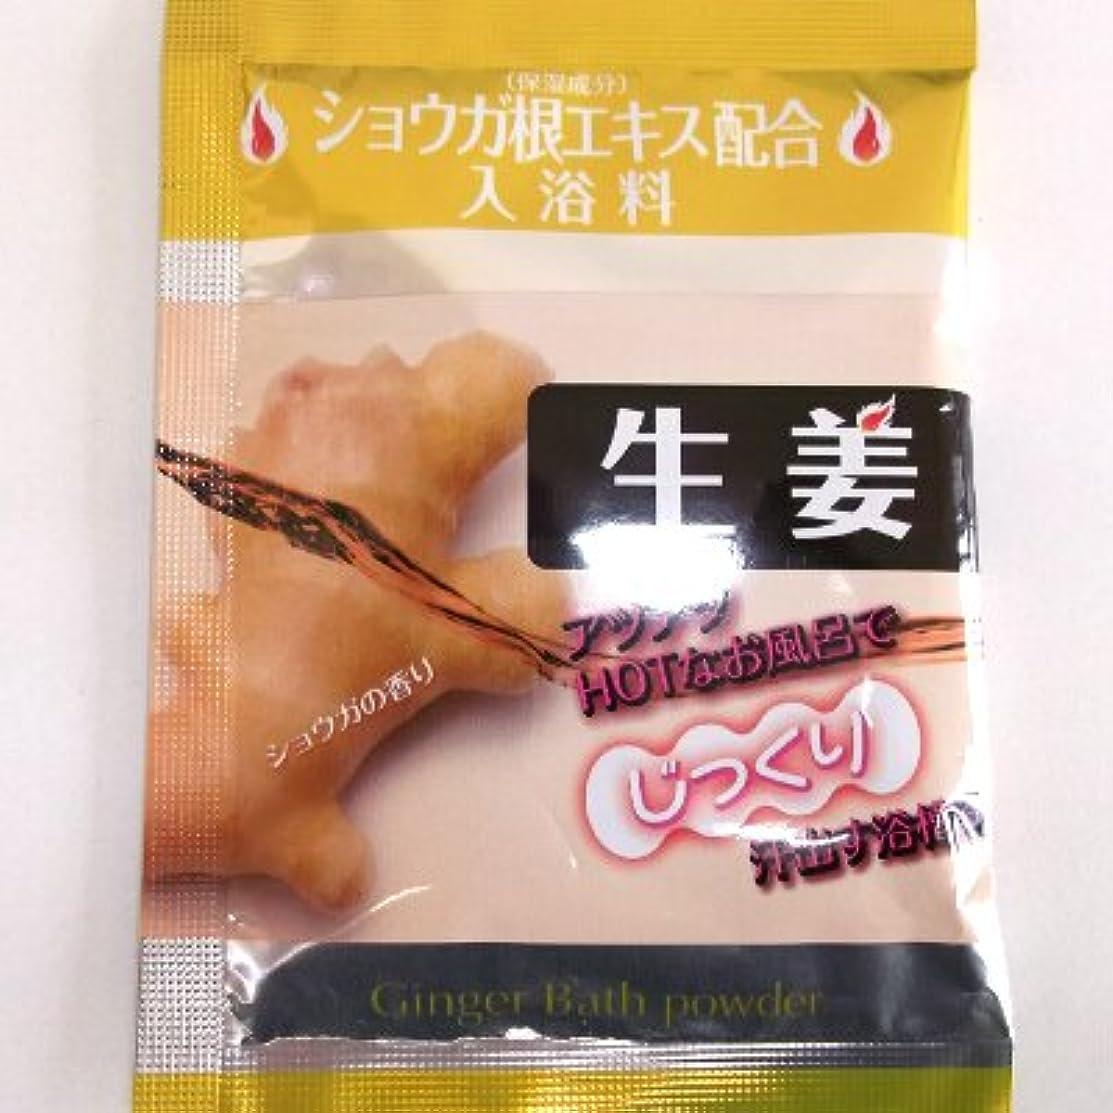 シンク器官特異性湯冷め知らずの入浴料 生姜